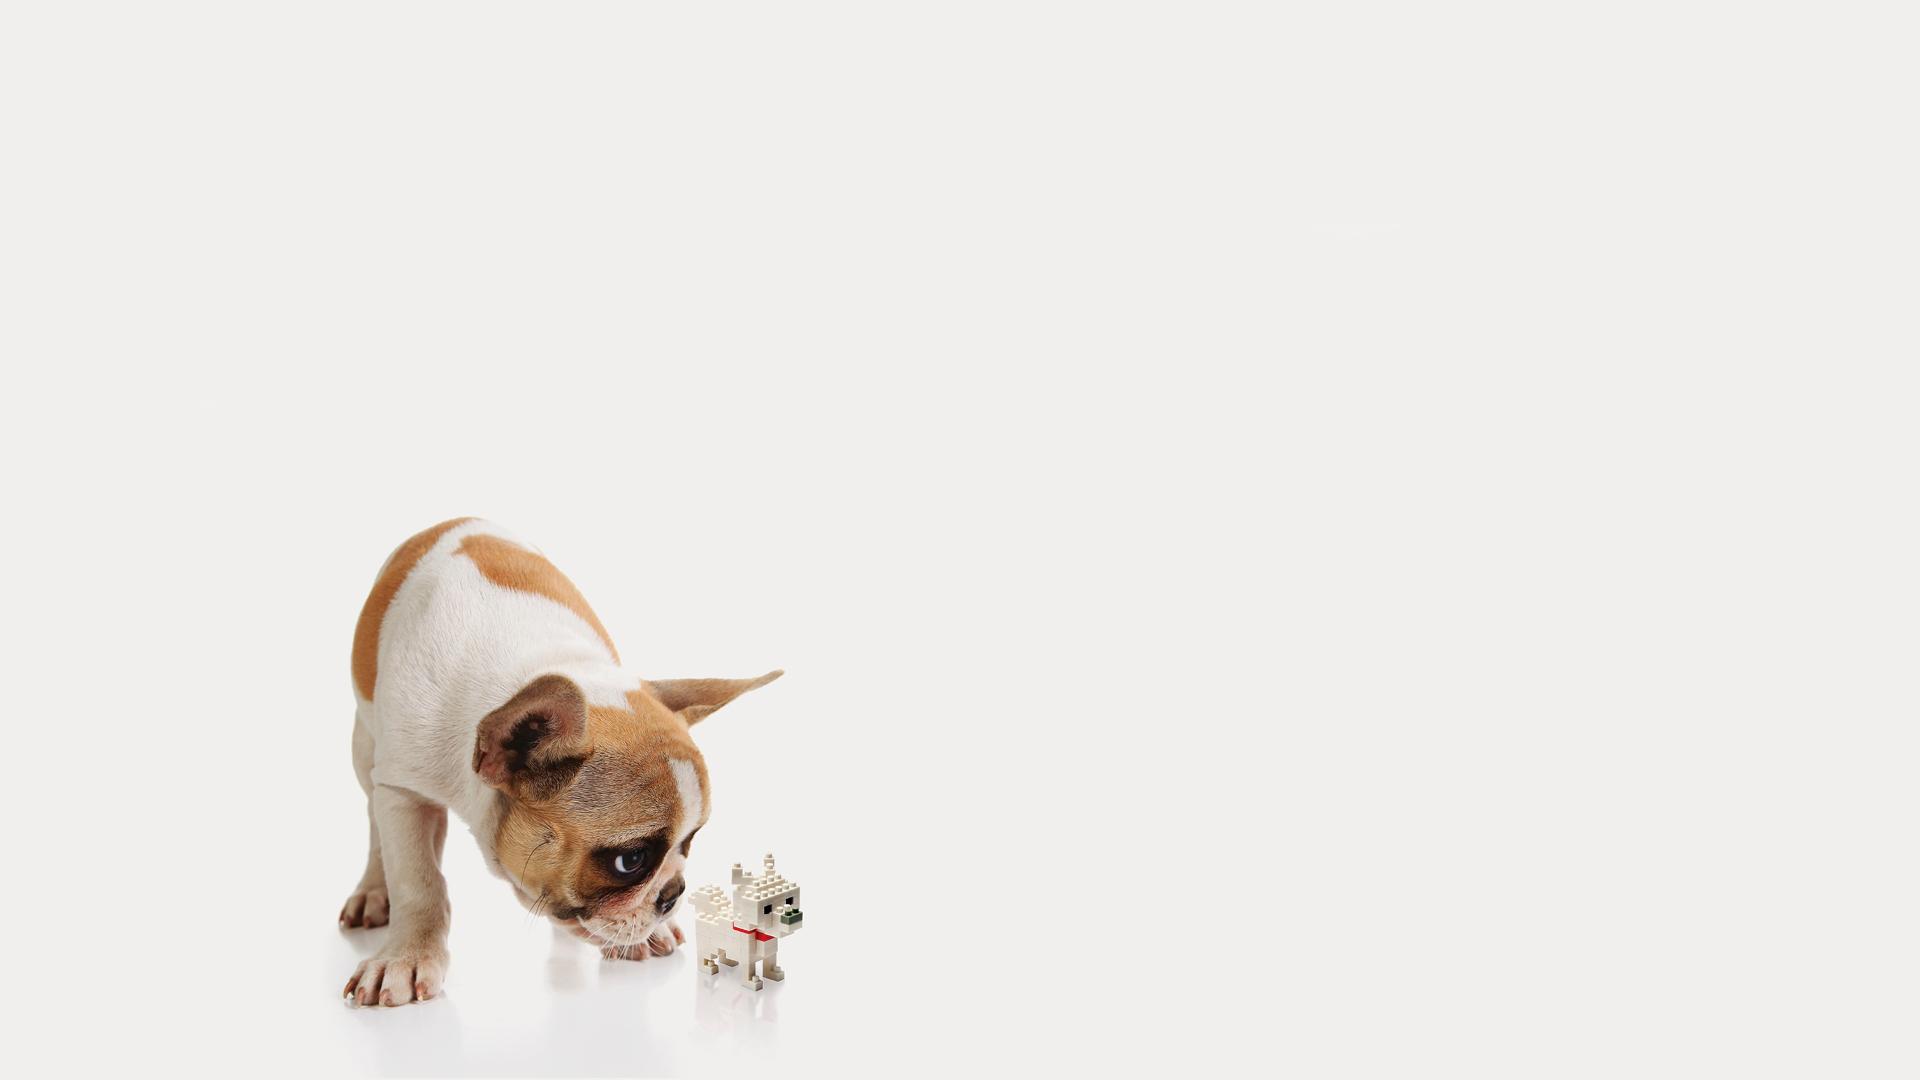 Fondos de pantalla perro bulldog animalia descargar imagenes for Fondos de pantalla de perritos